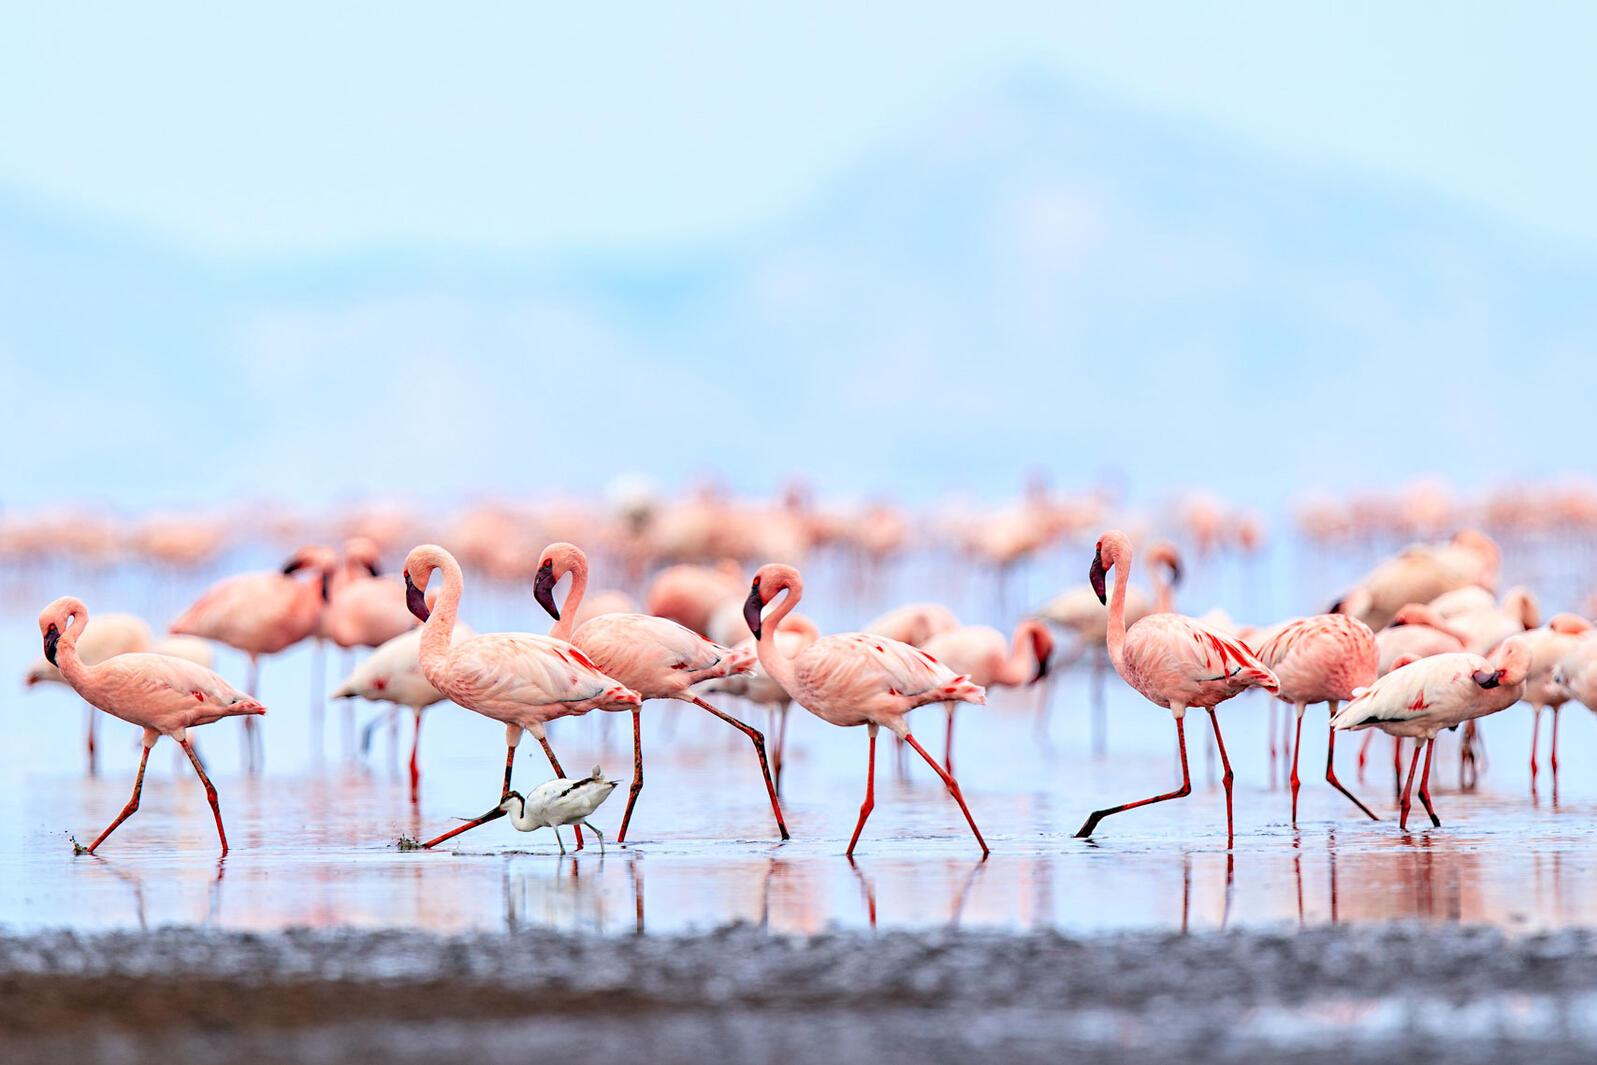 Lesser Flamingos. Wink Gaines/Audubon Photography Awards